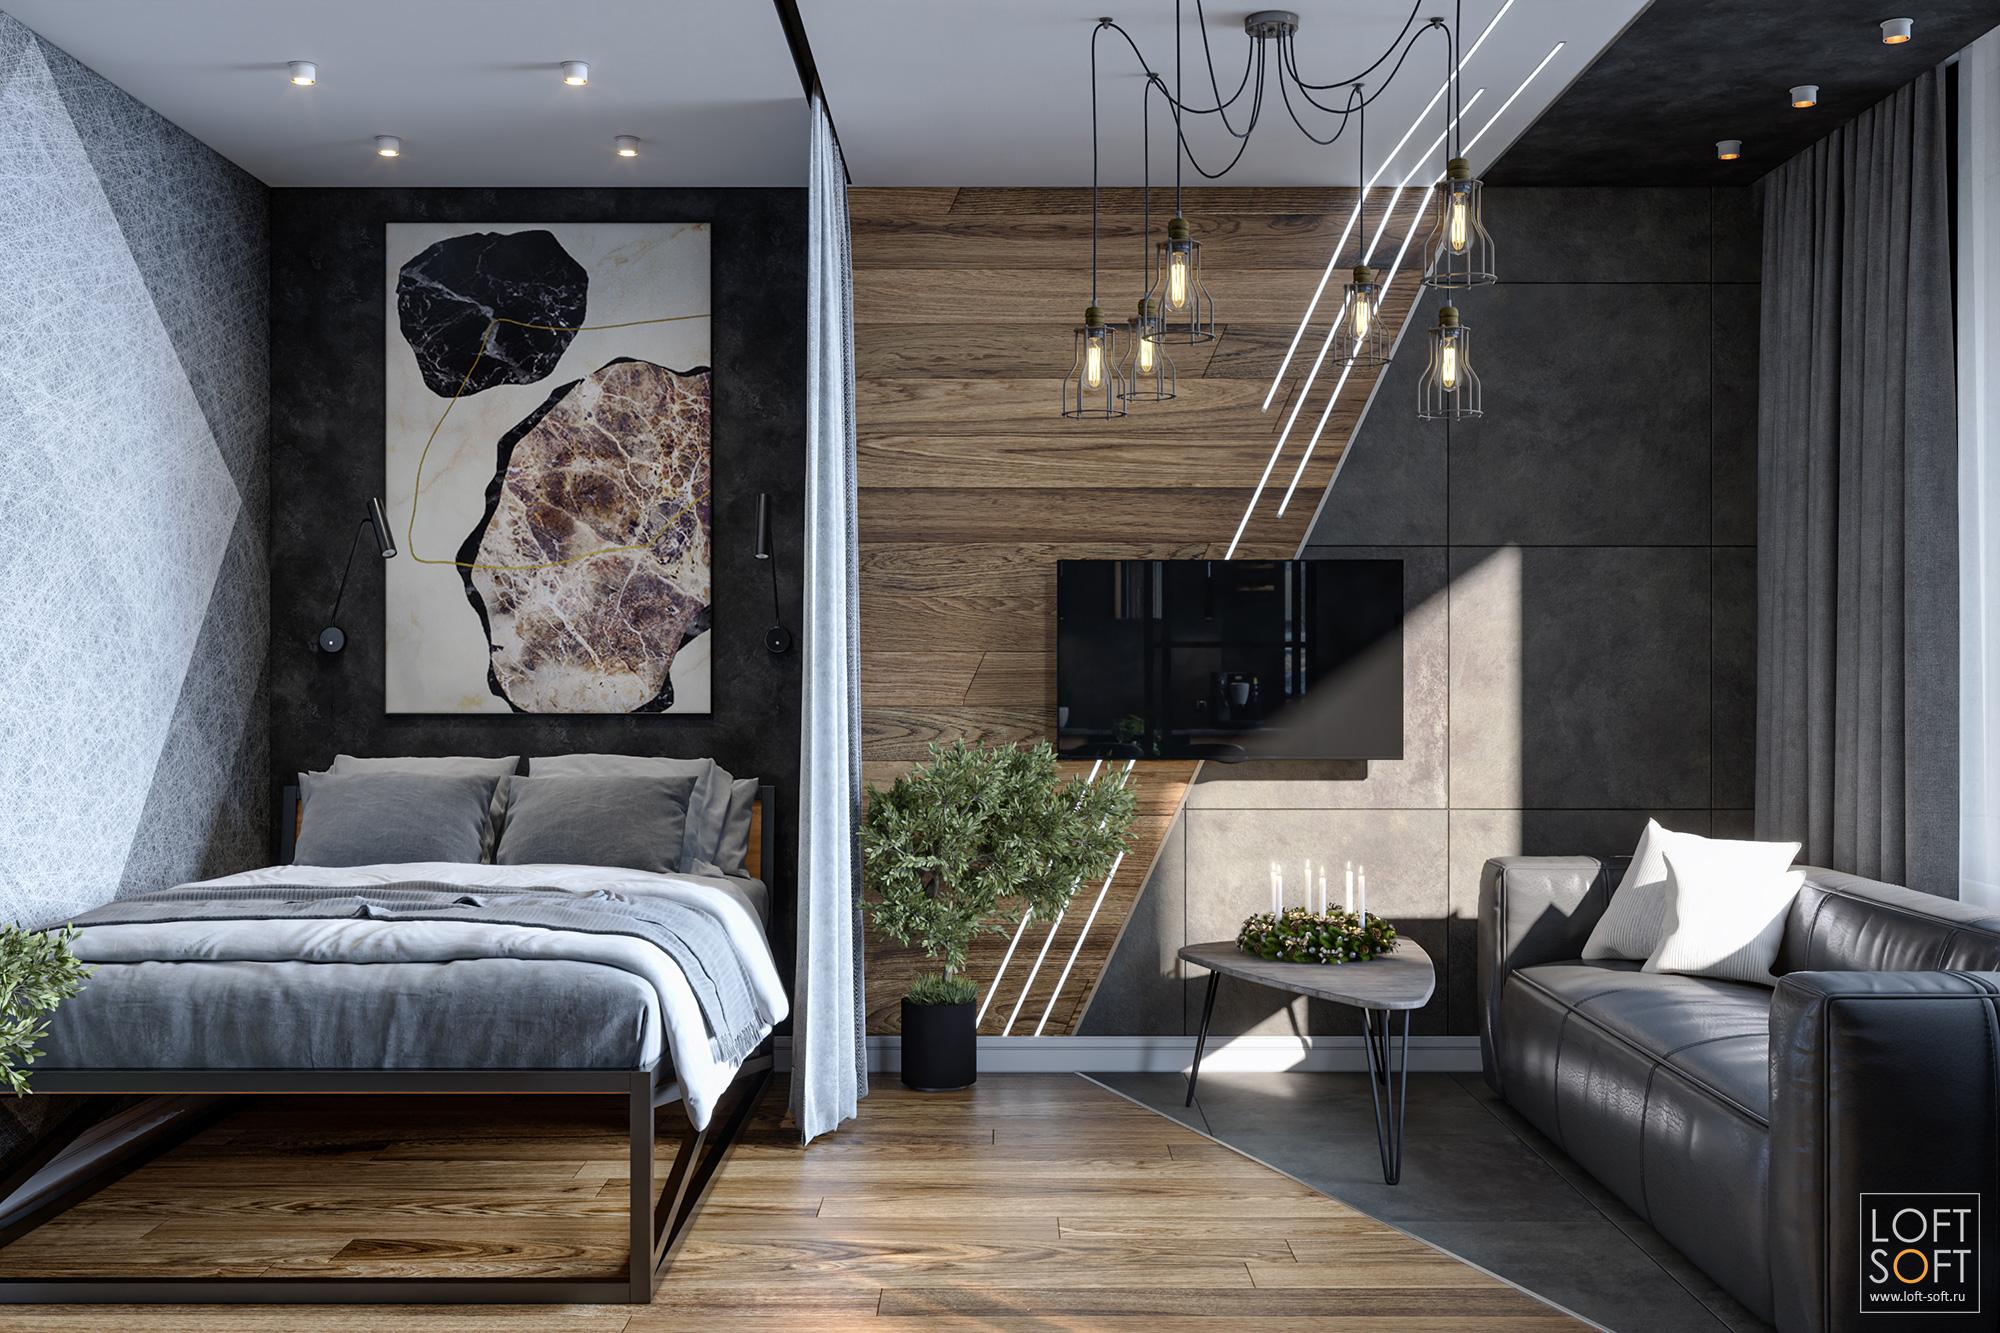 Однокомнатная квартира со спальней втёмном лофте